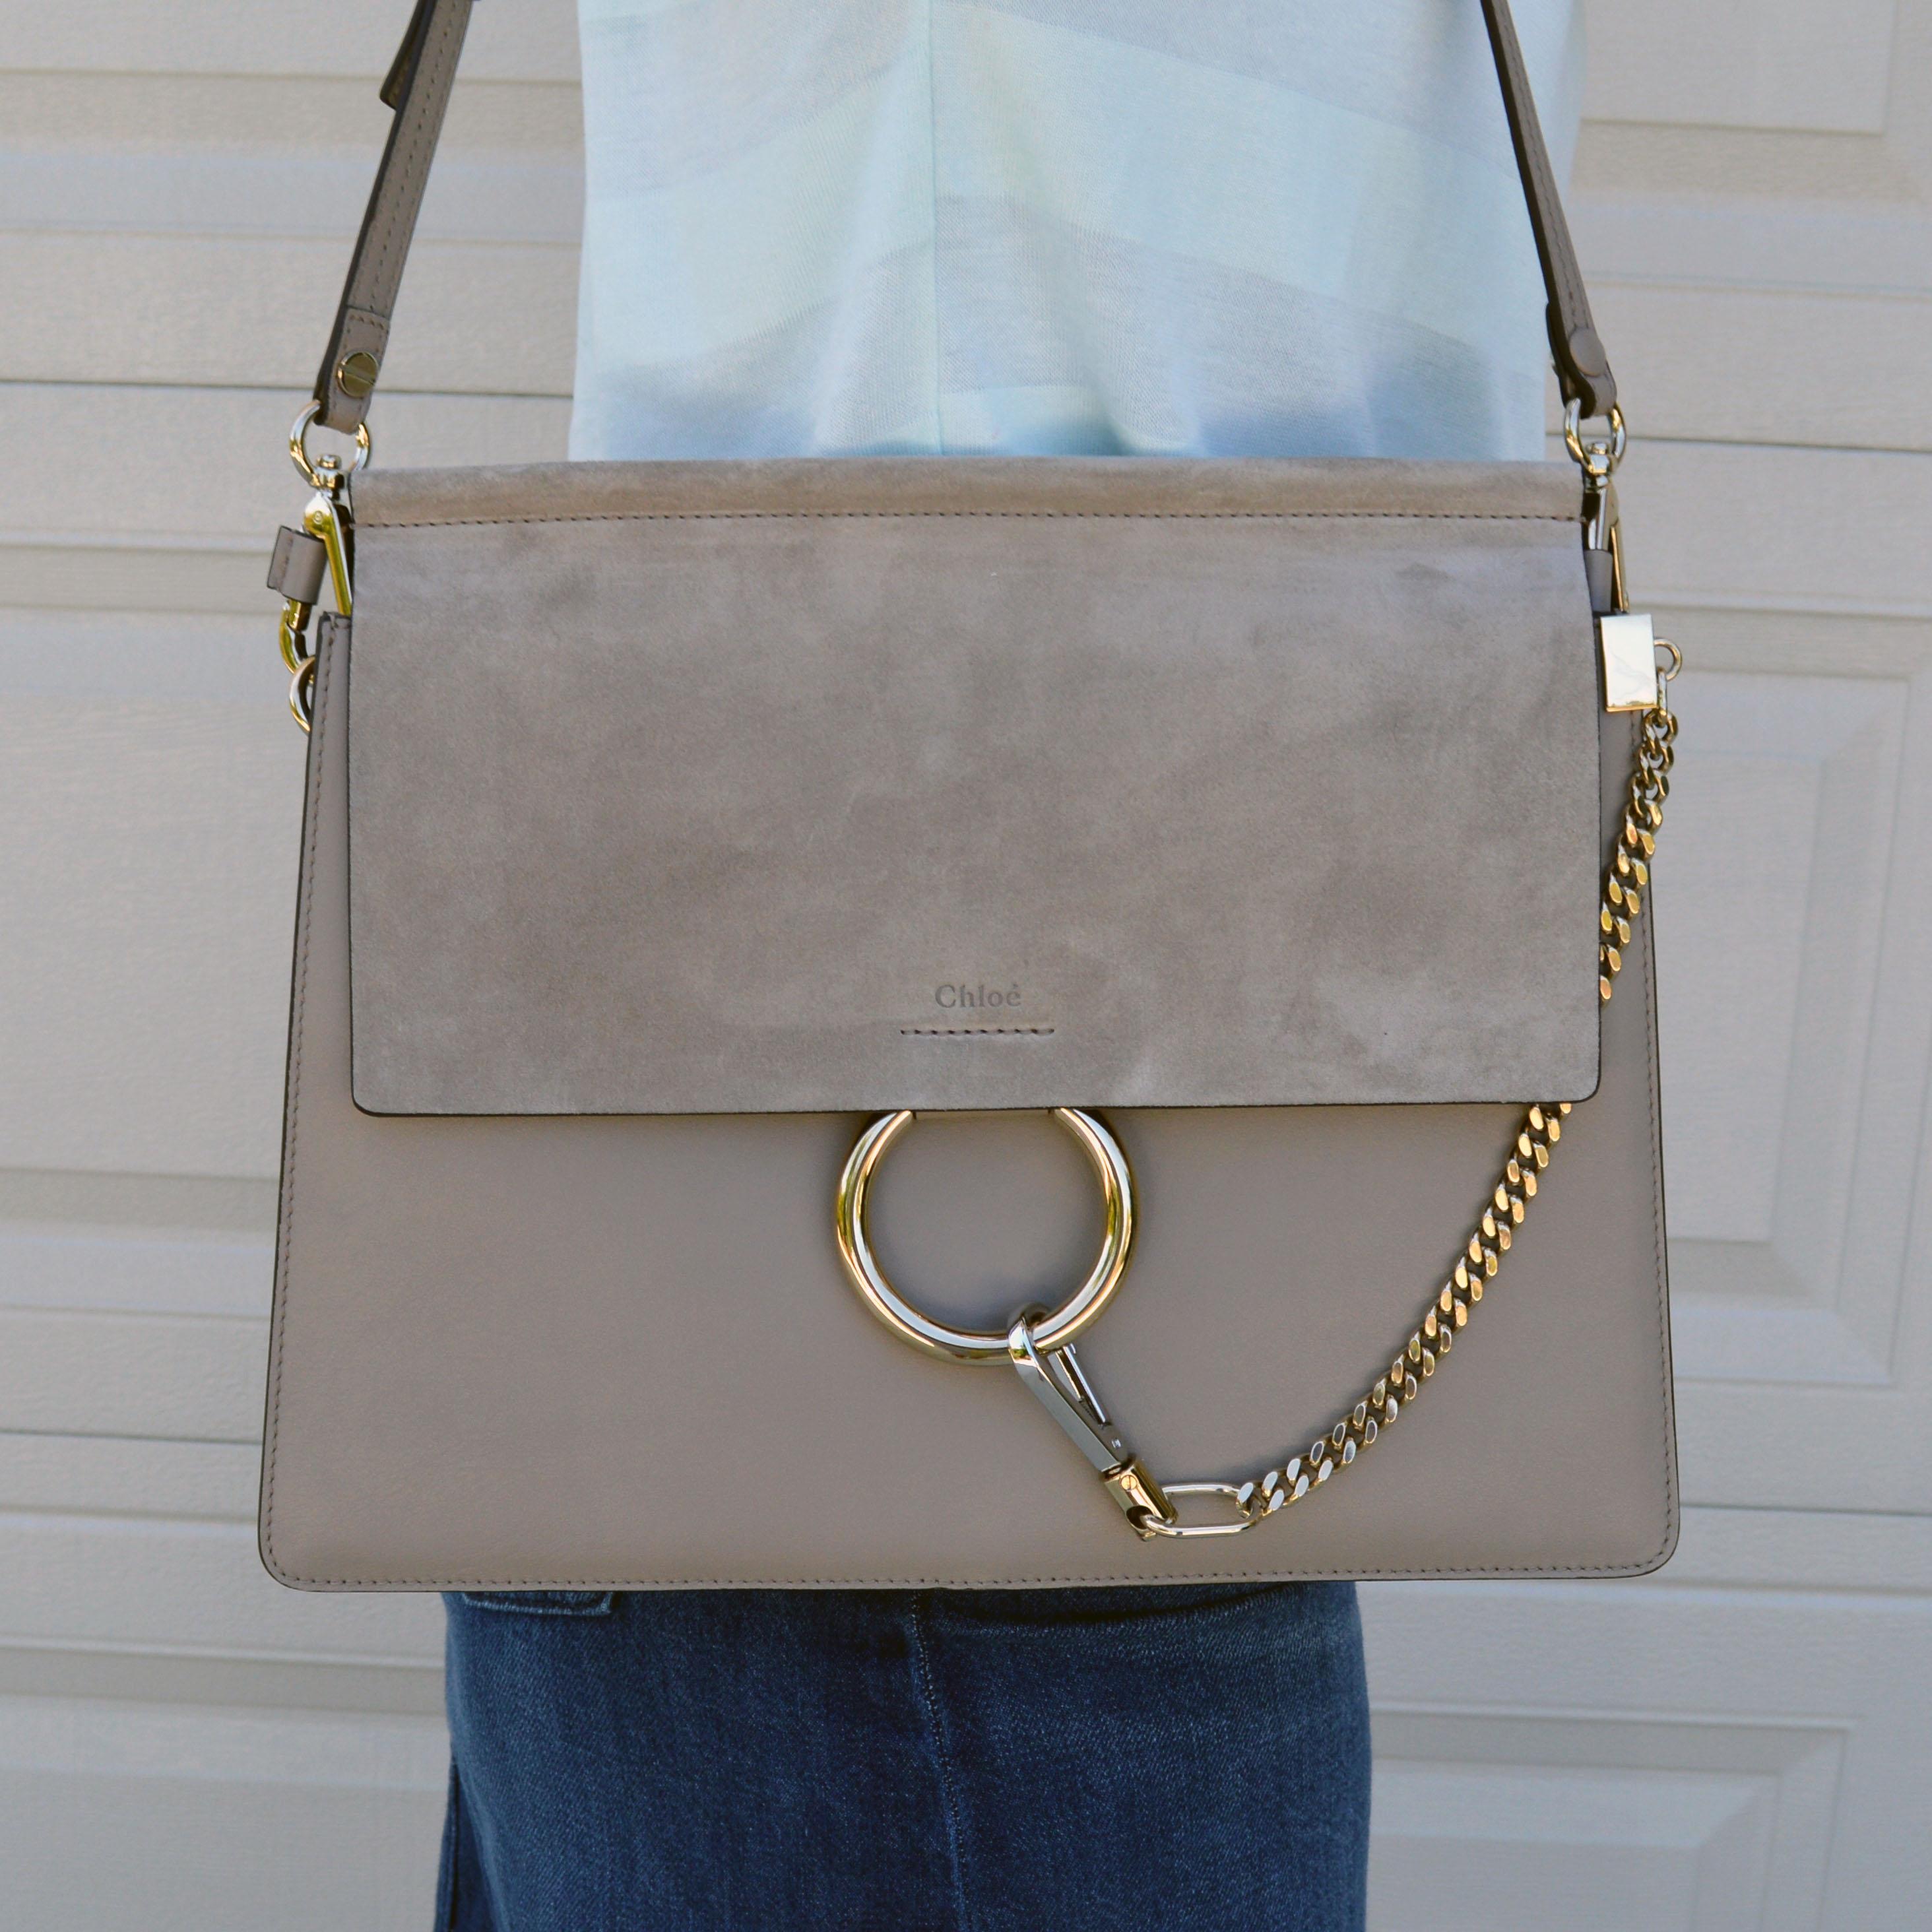 d04a1433c4 Chloe Faye medium review – Bay Area Fashionista